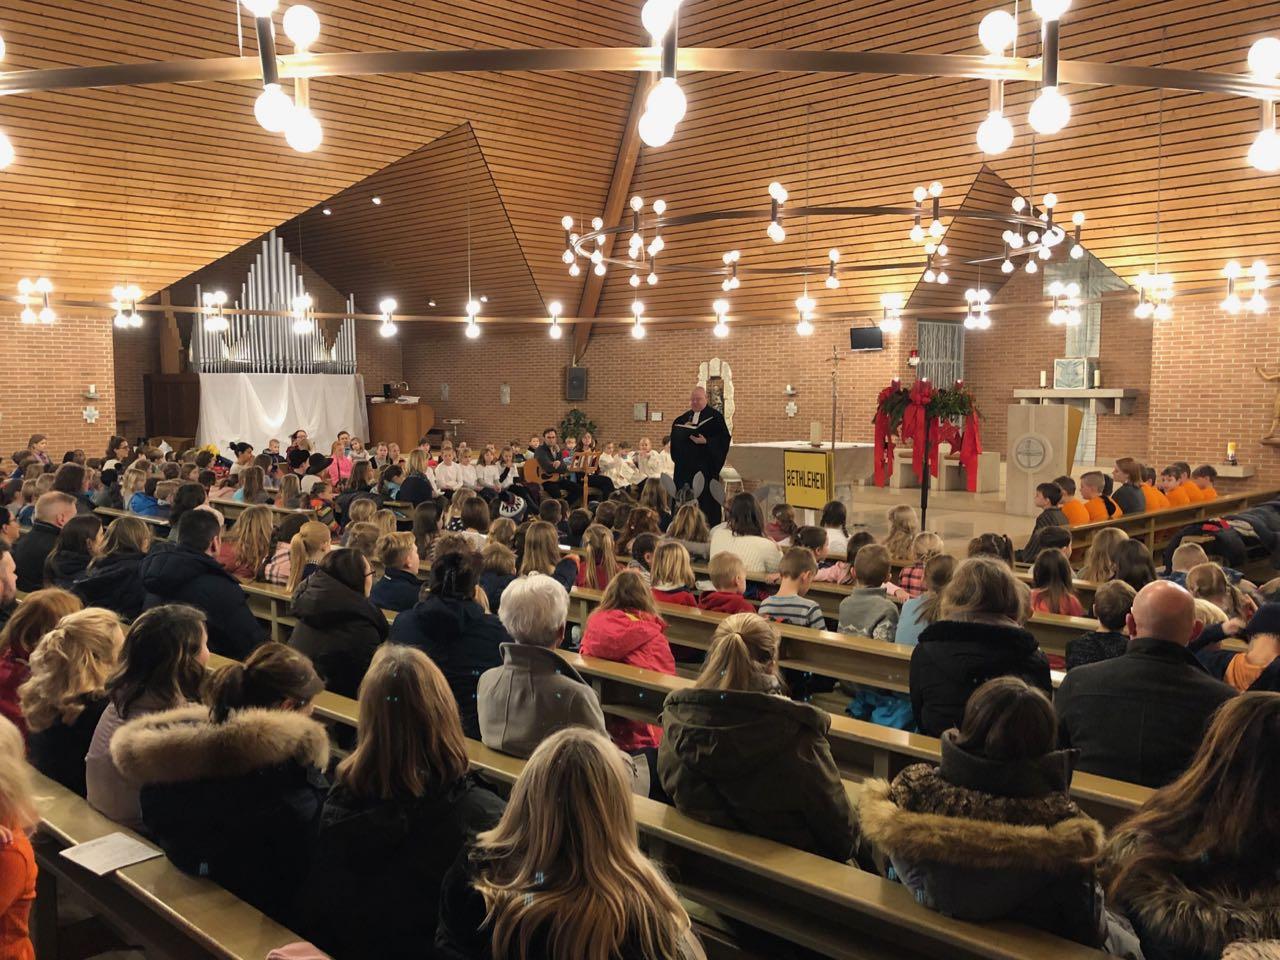 2018-12-21_Weihnachtsgottesdienst01.jpg